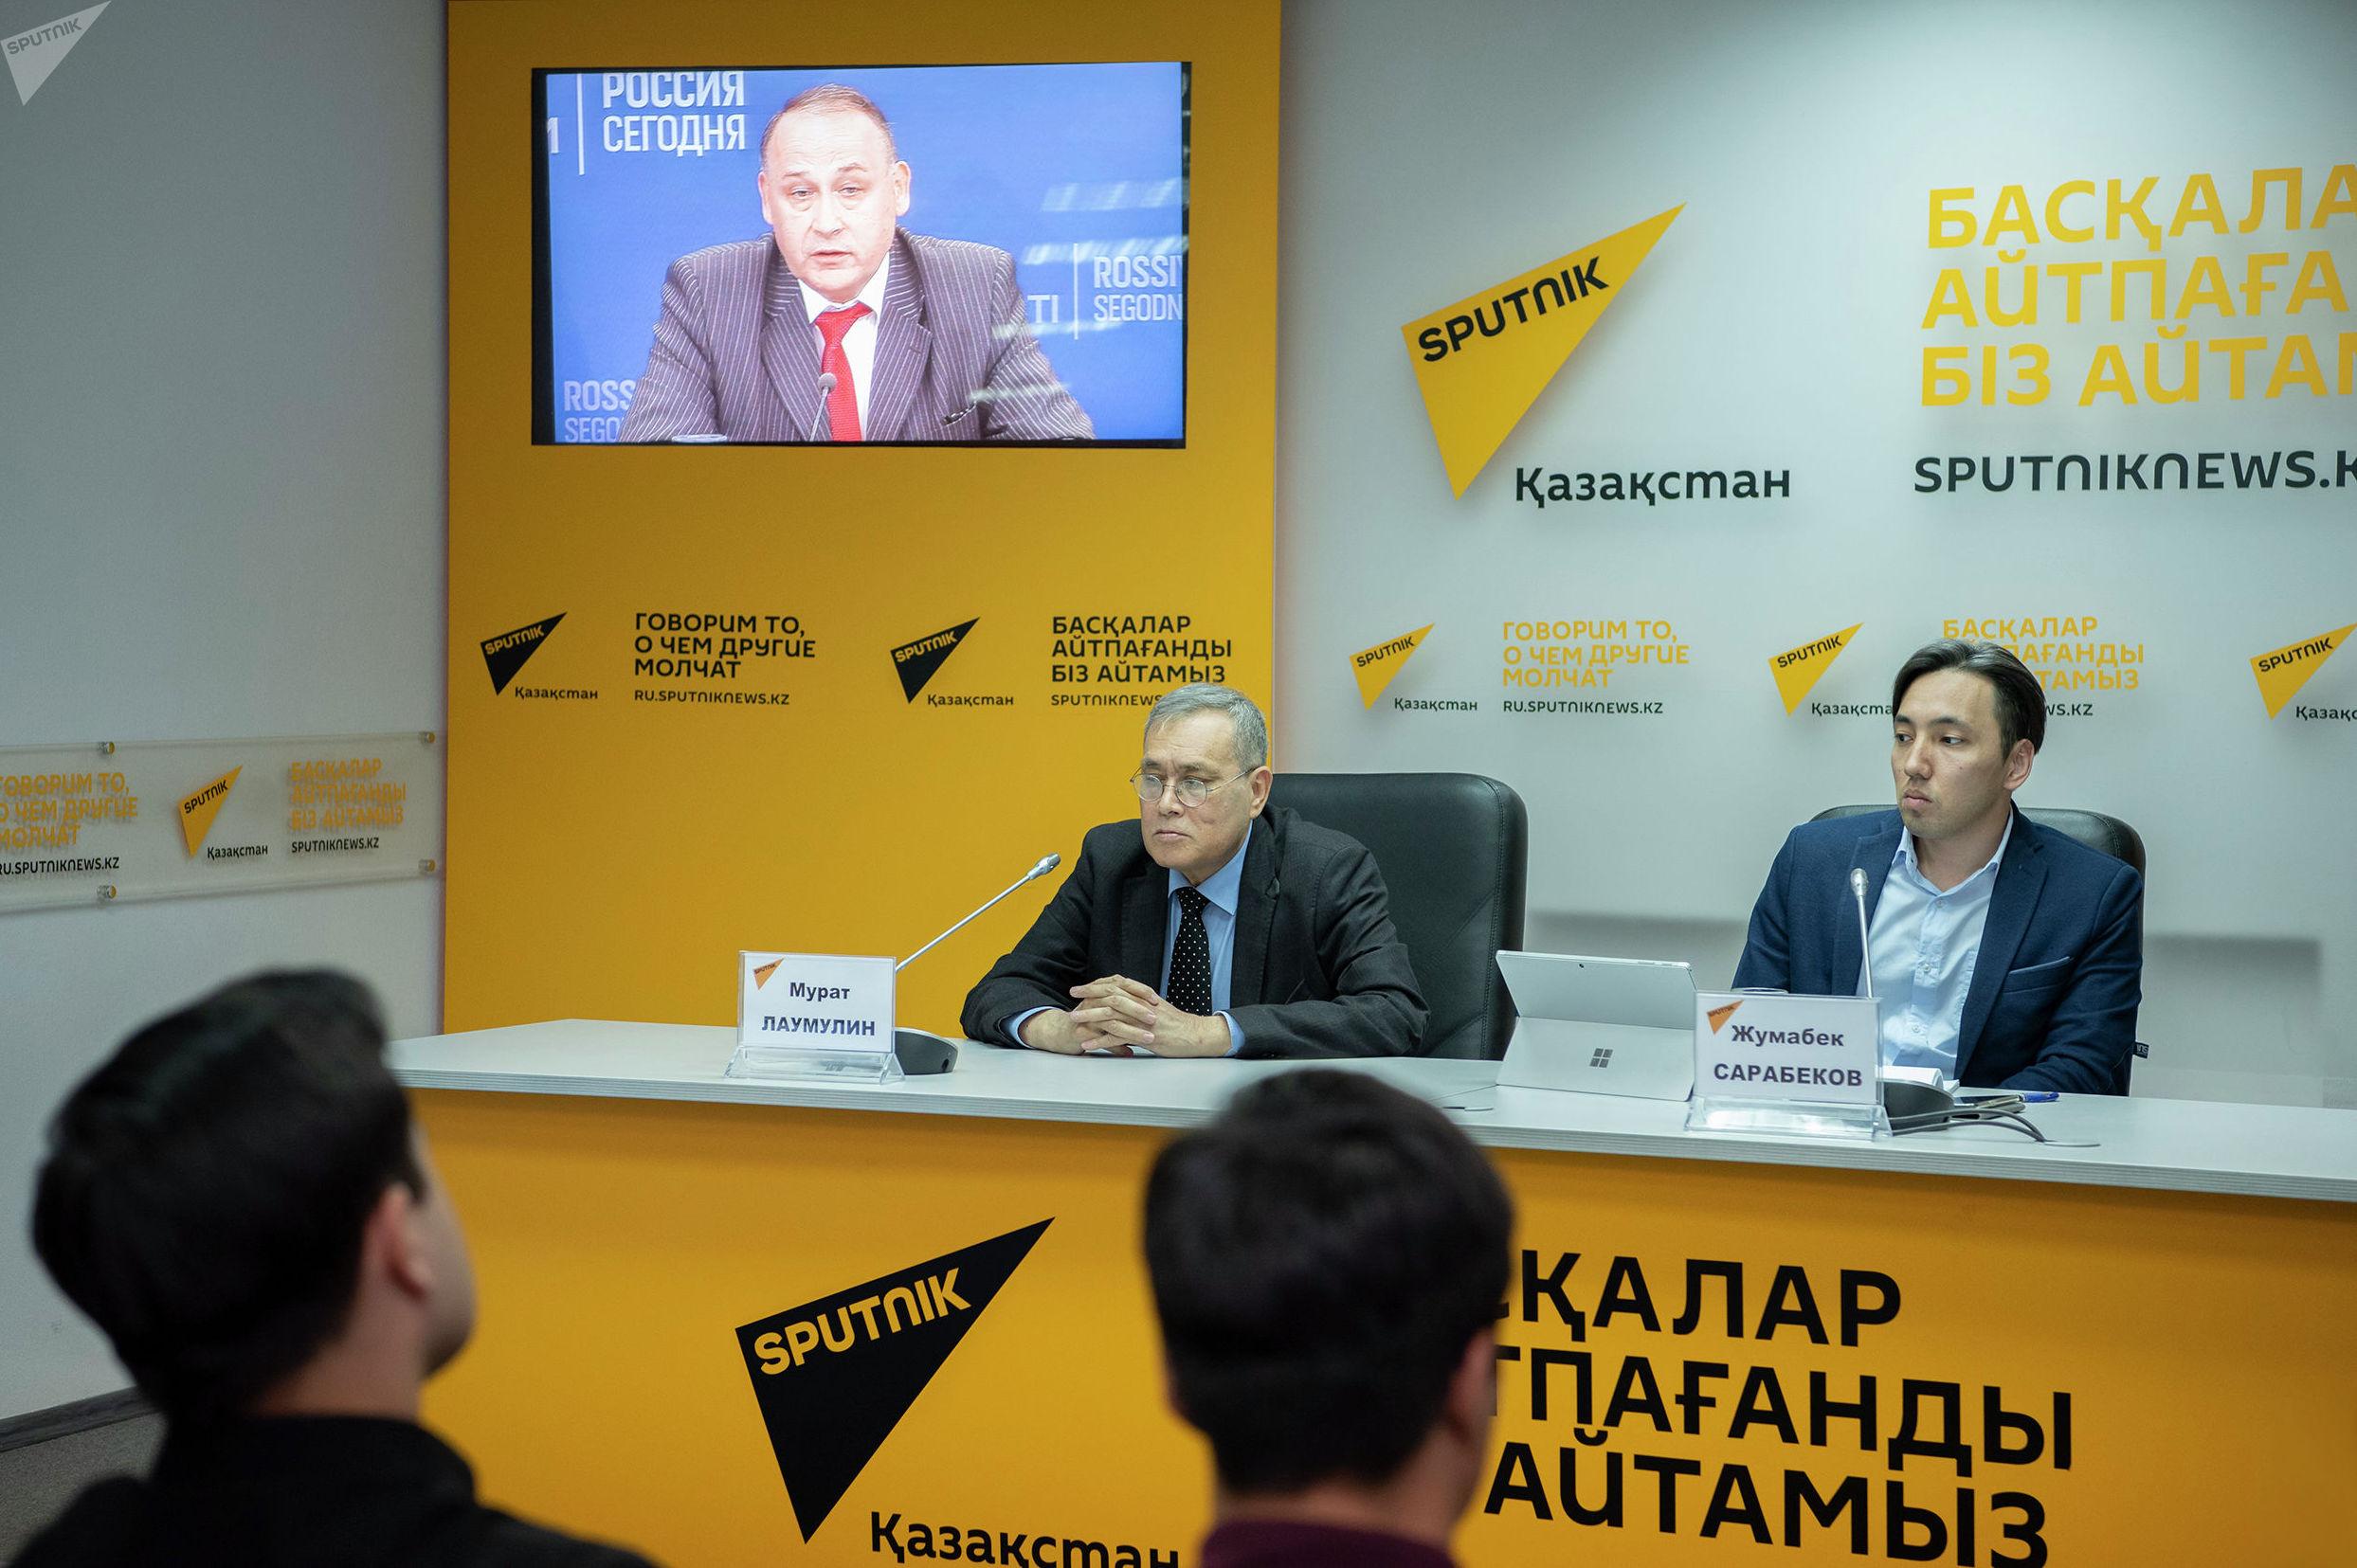 Участники видеомоста Москва – Нур-Султан на тему Казахстанско-российские отношения через призму взаимодействия в ЕАЭС